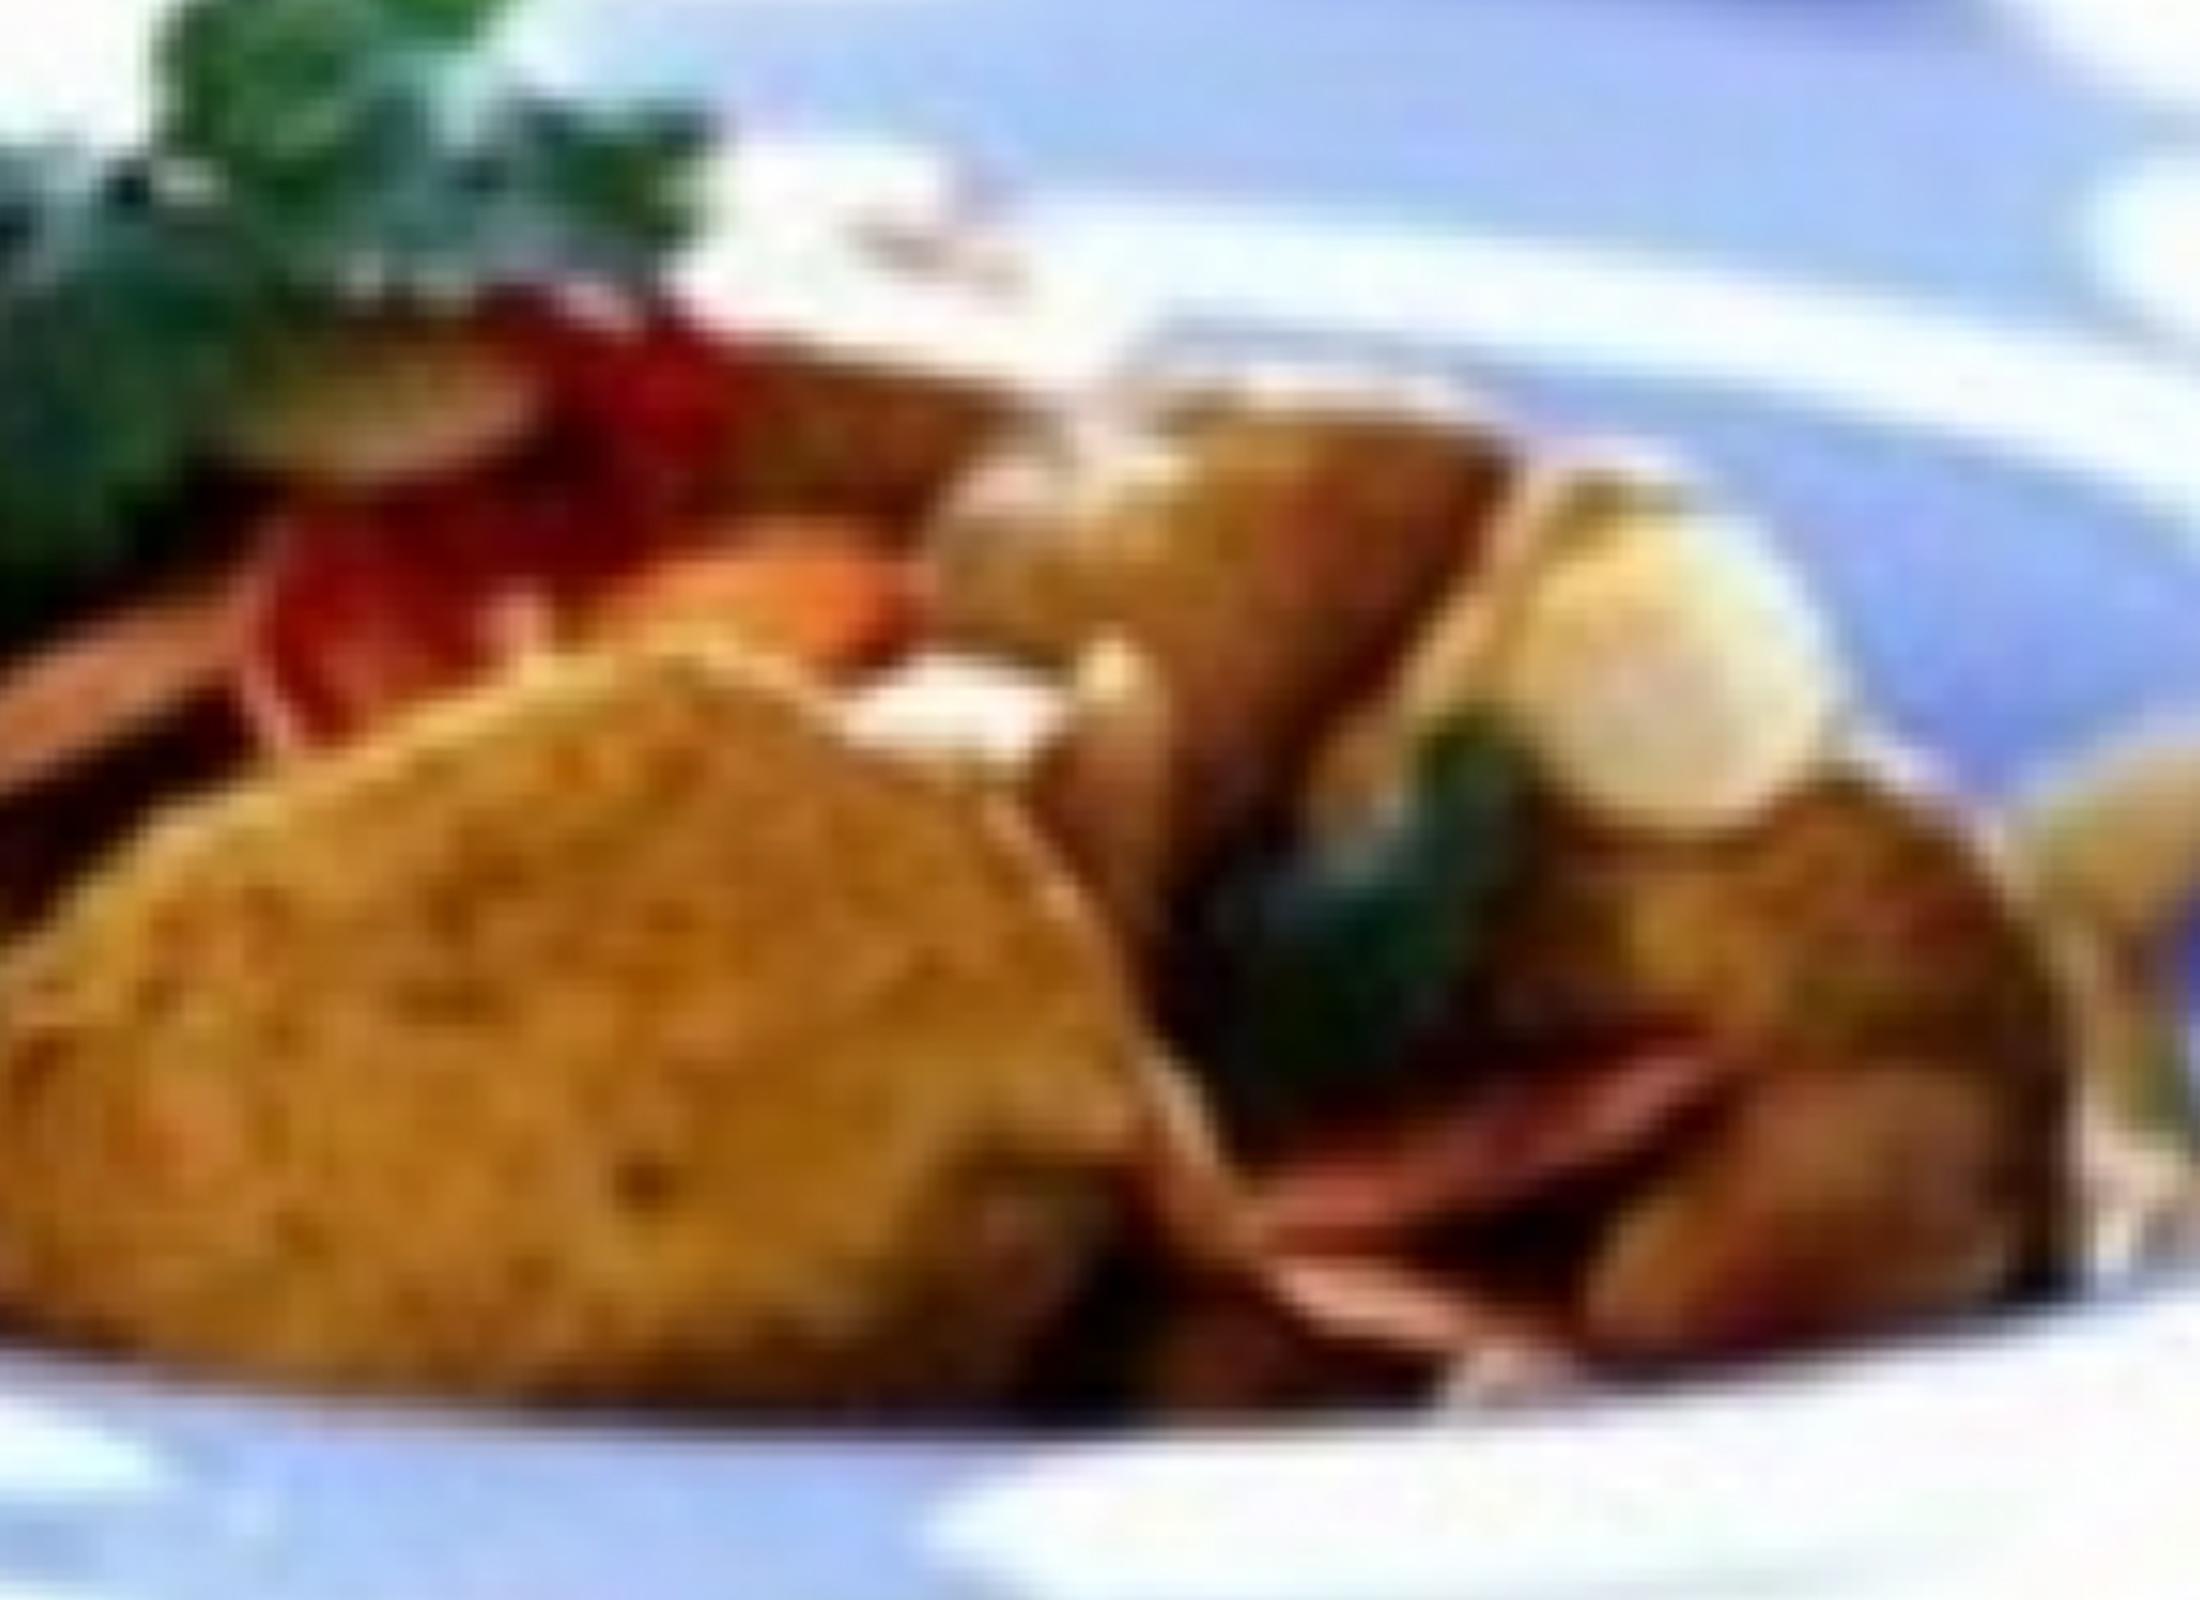 Διατροφικές Πληροφορίες   Ανά Μερίδα:  381 kcal  Πρωτεΐνες 47 γρ.  Υδατάνθρακες 8 γρ.